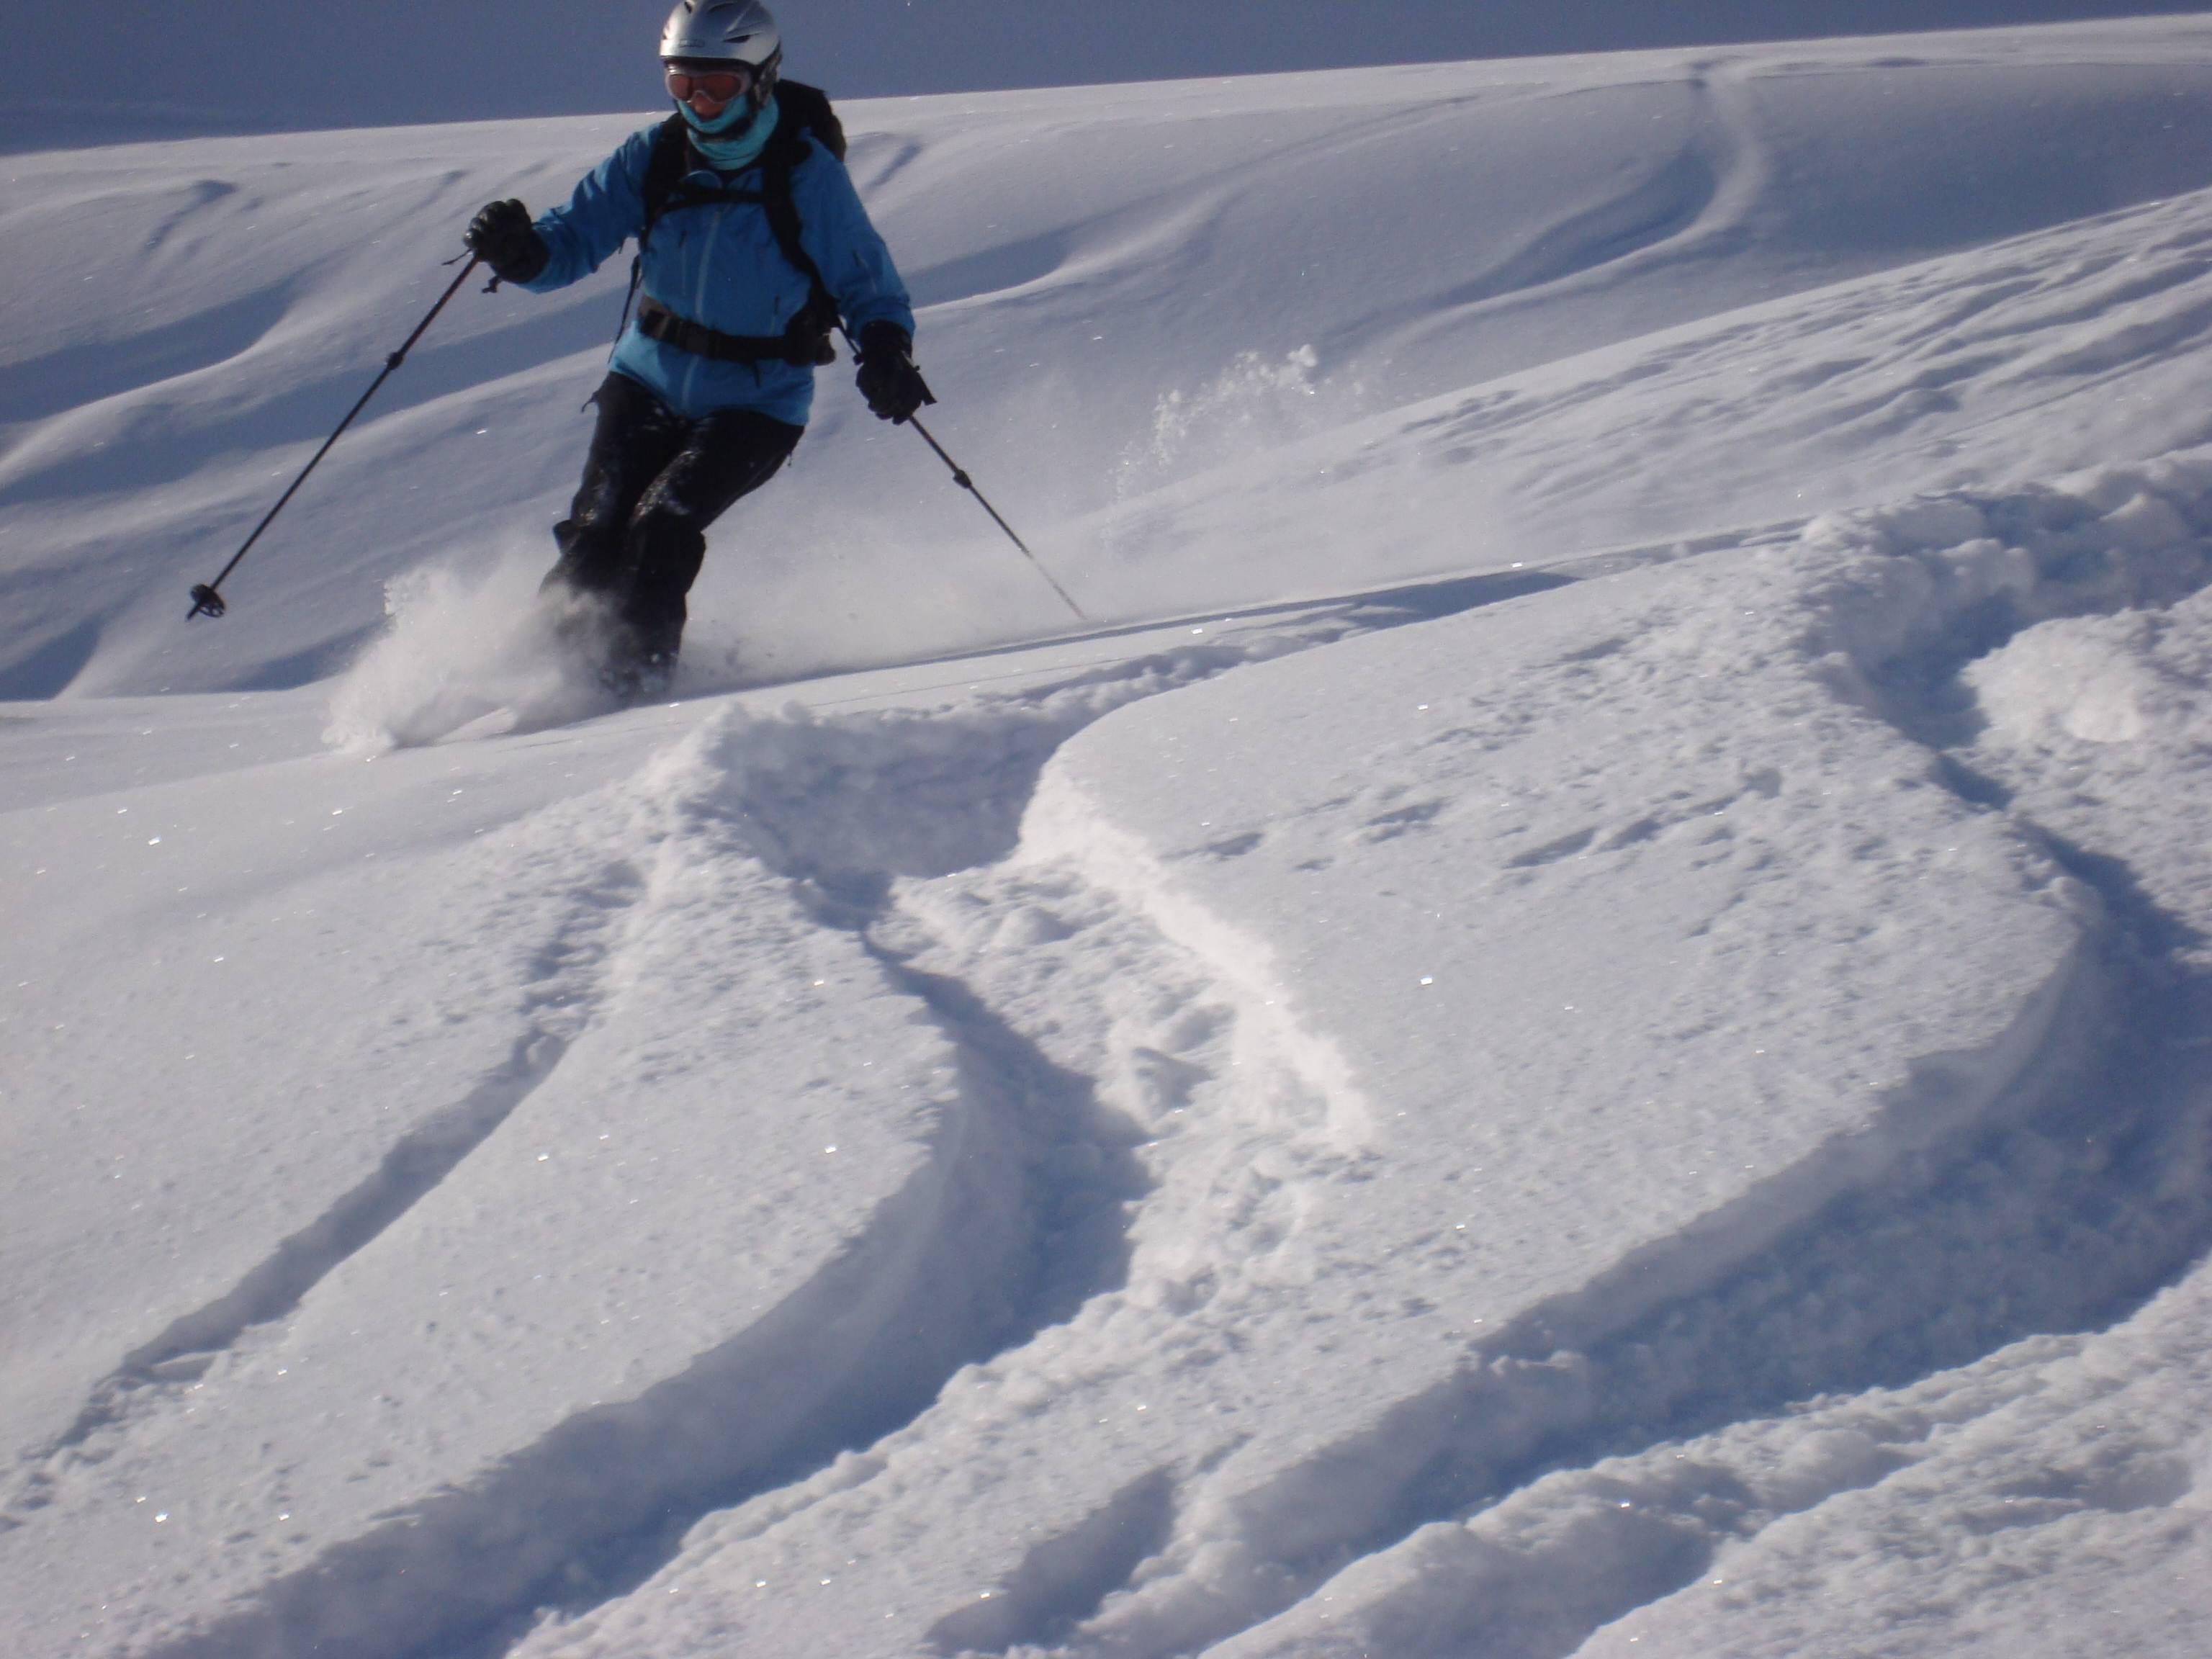 Caroline skiing Davos powder